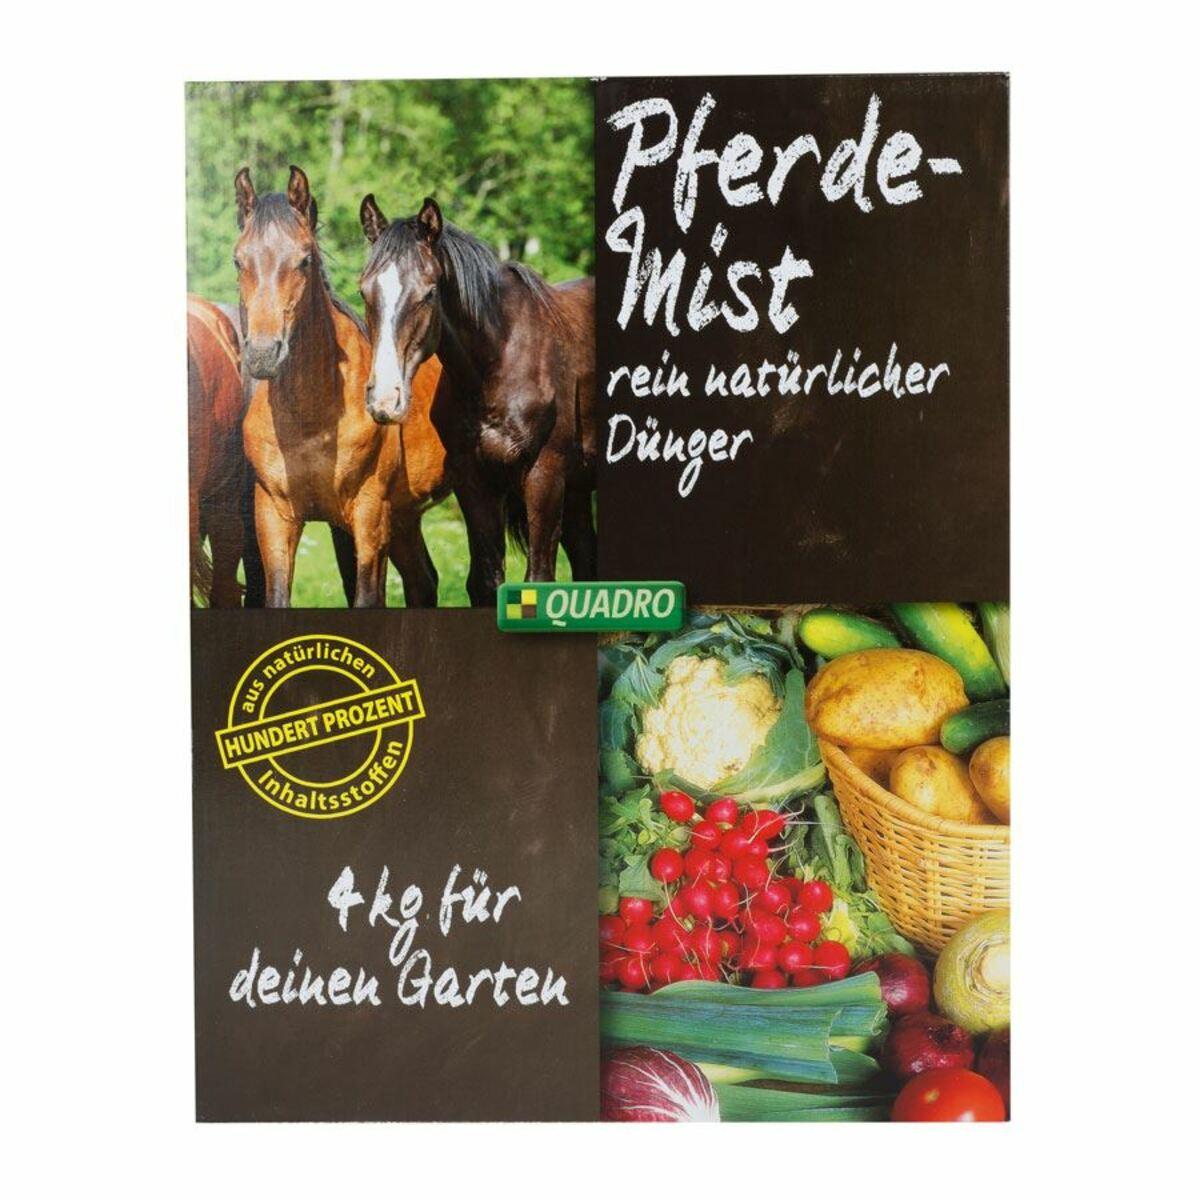 Bild 1 von Quadro Pferdemist Dünger pelletiert 4kg